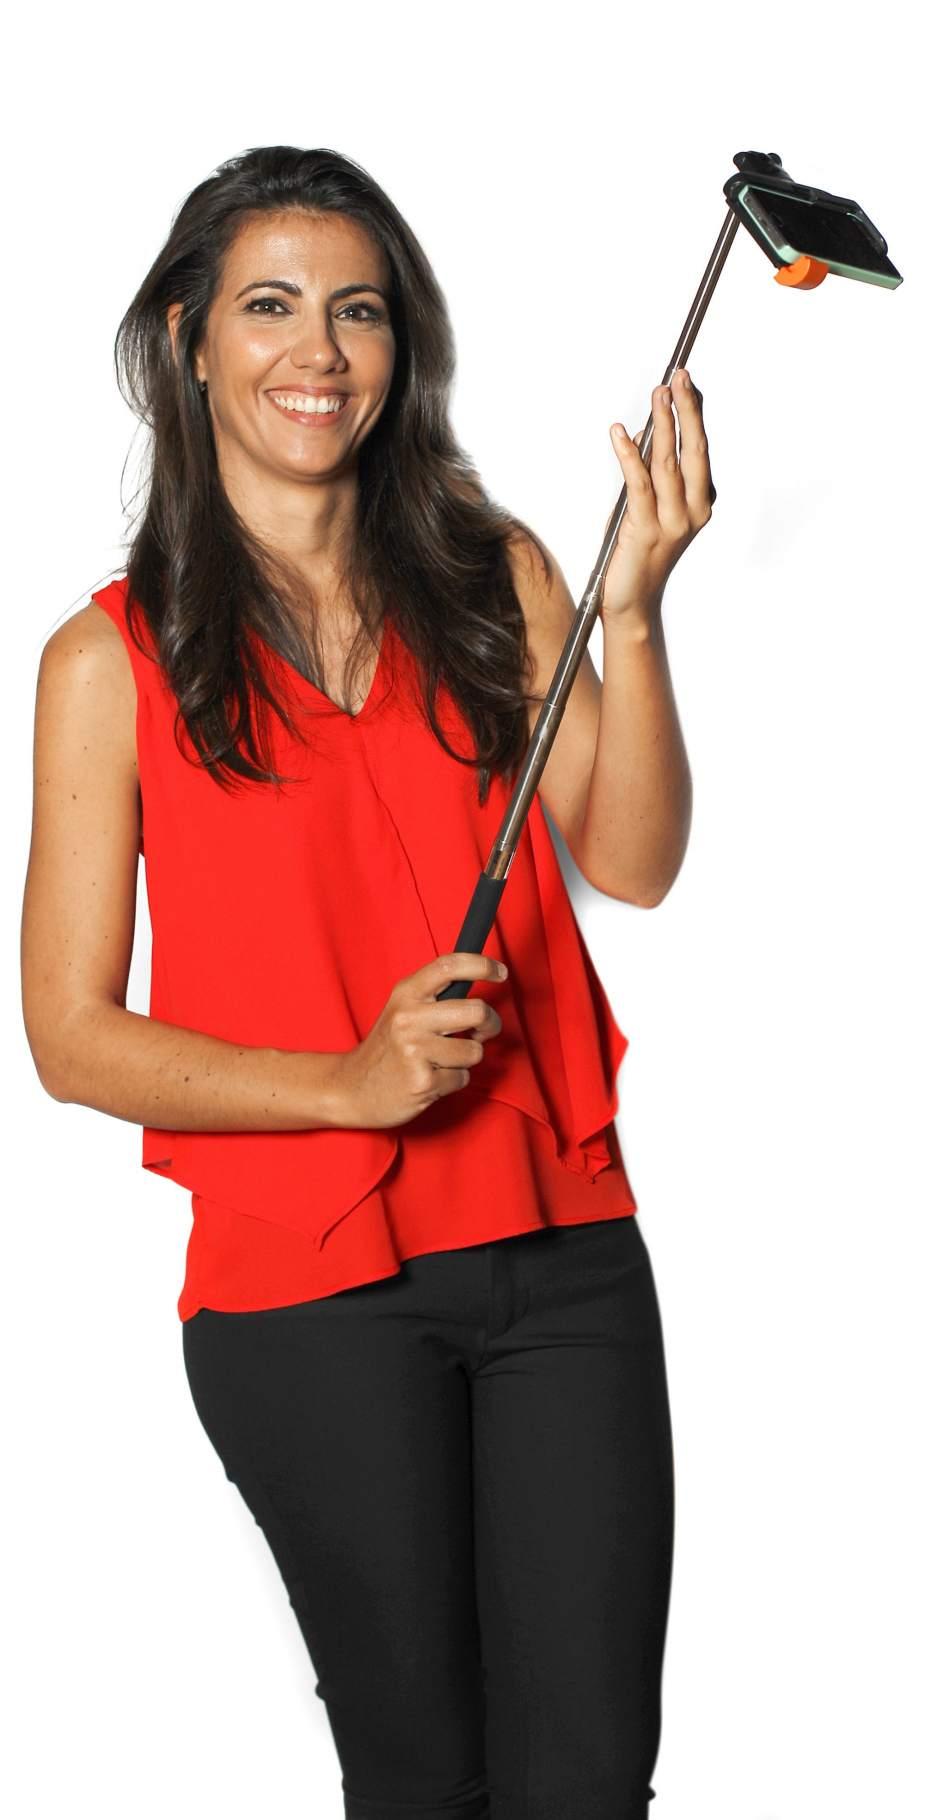 Ana Pastor: siempre informada gracias a las nuevas tecnologías. La periodista Ana Pastor asegura que